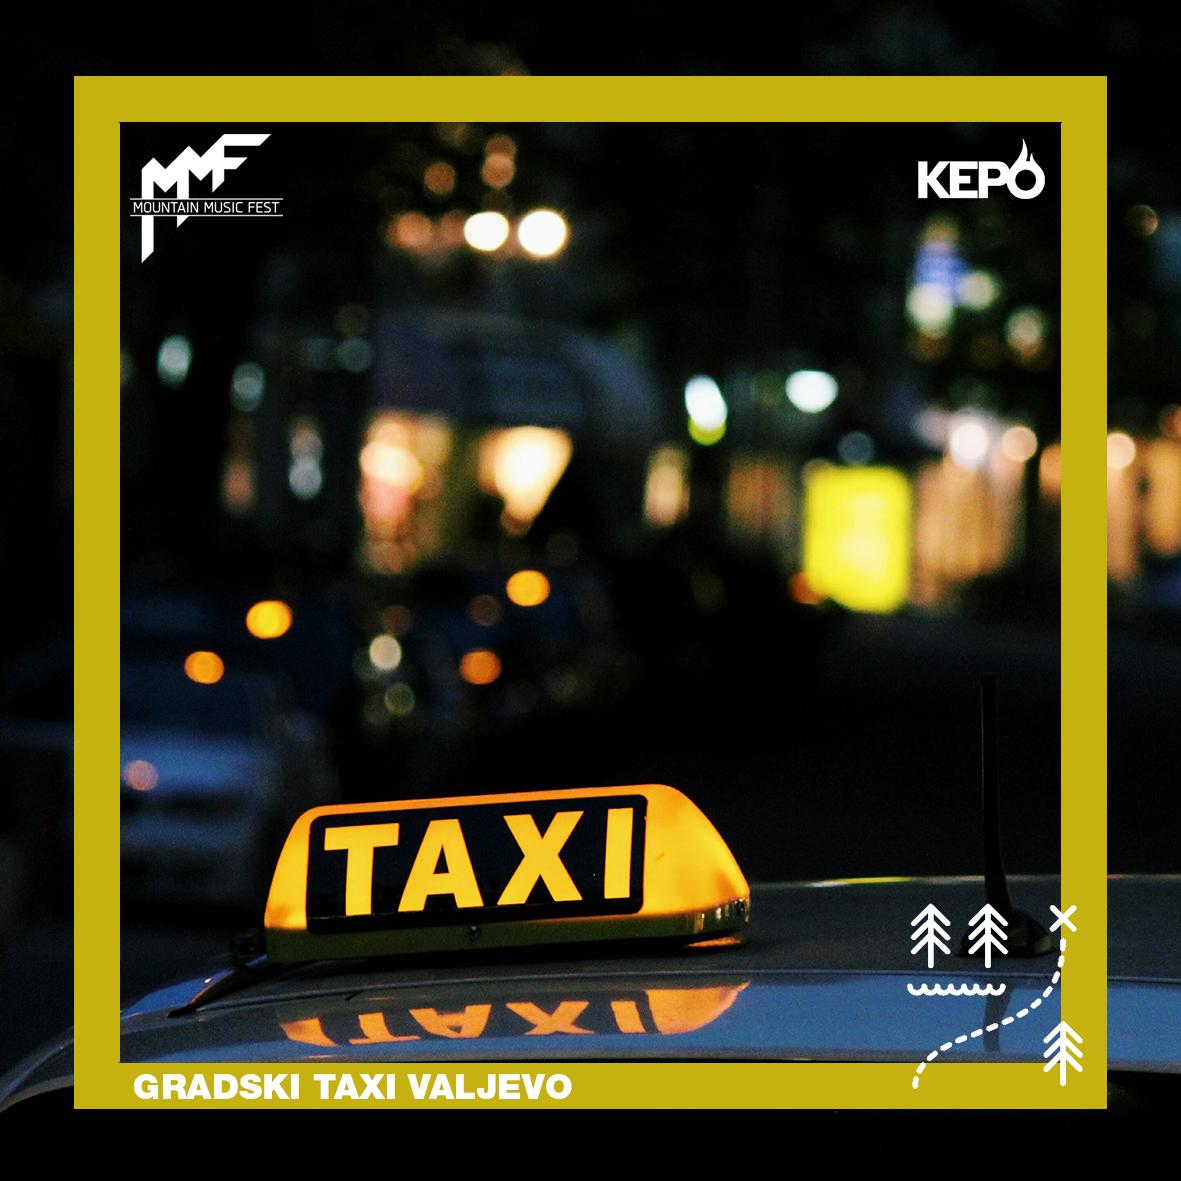 Gradski Taxi Valjevo – partner festivala!